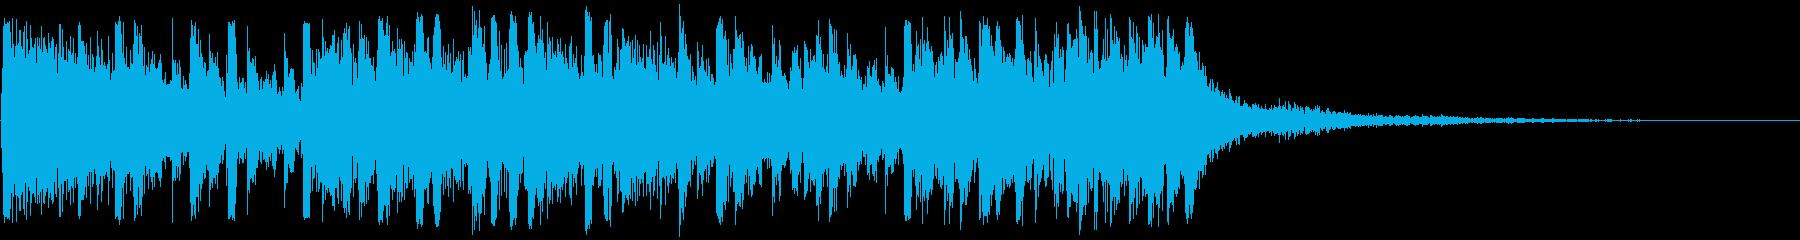 絶体絶命ピンチ 脳内パニックアイキャッチの再生済みの波形